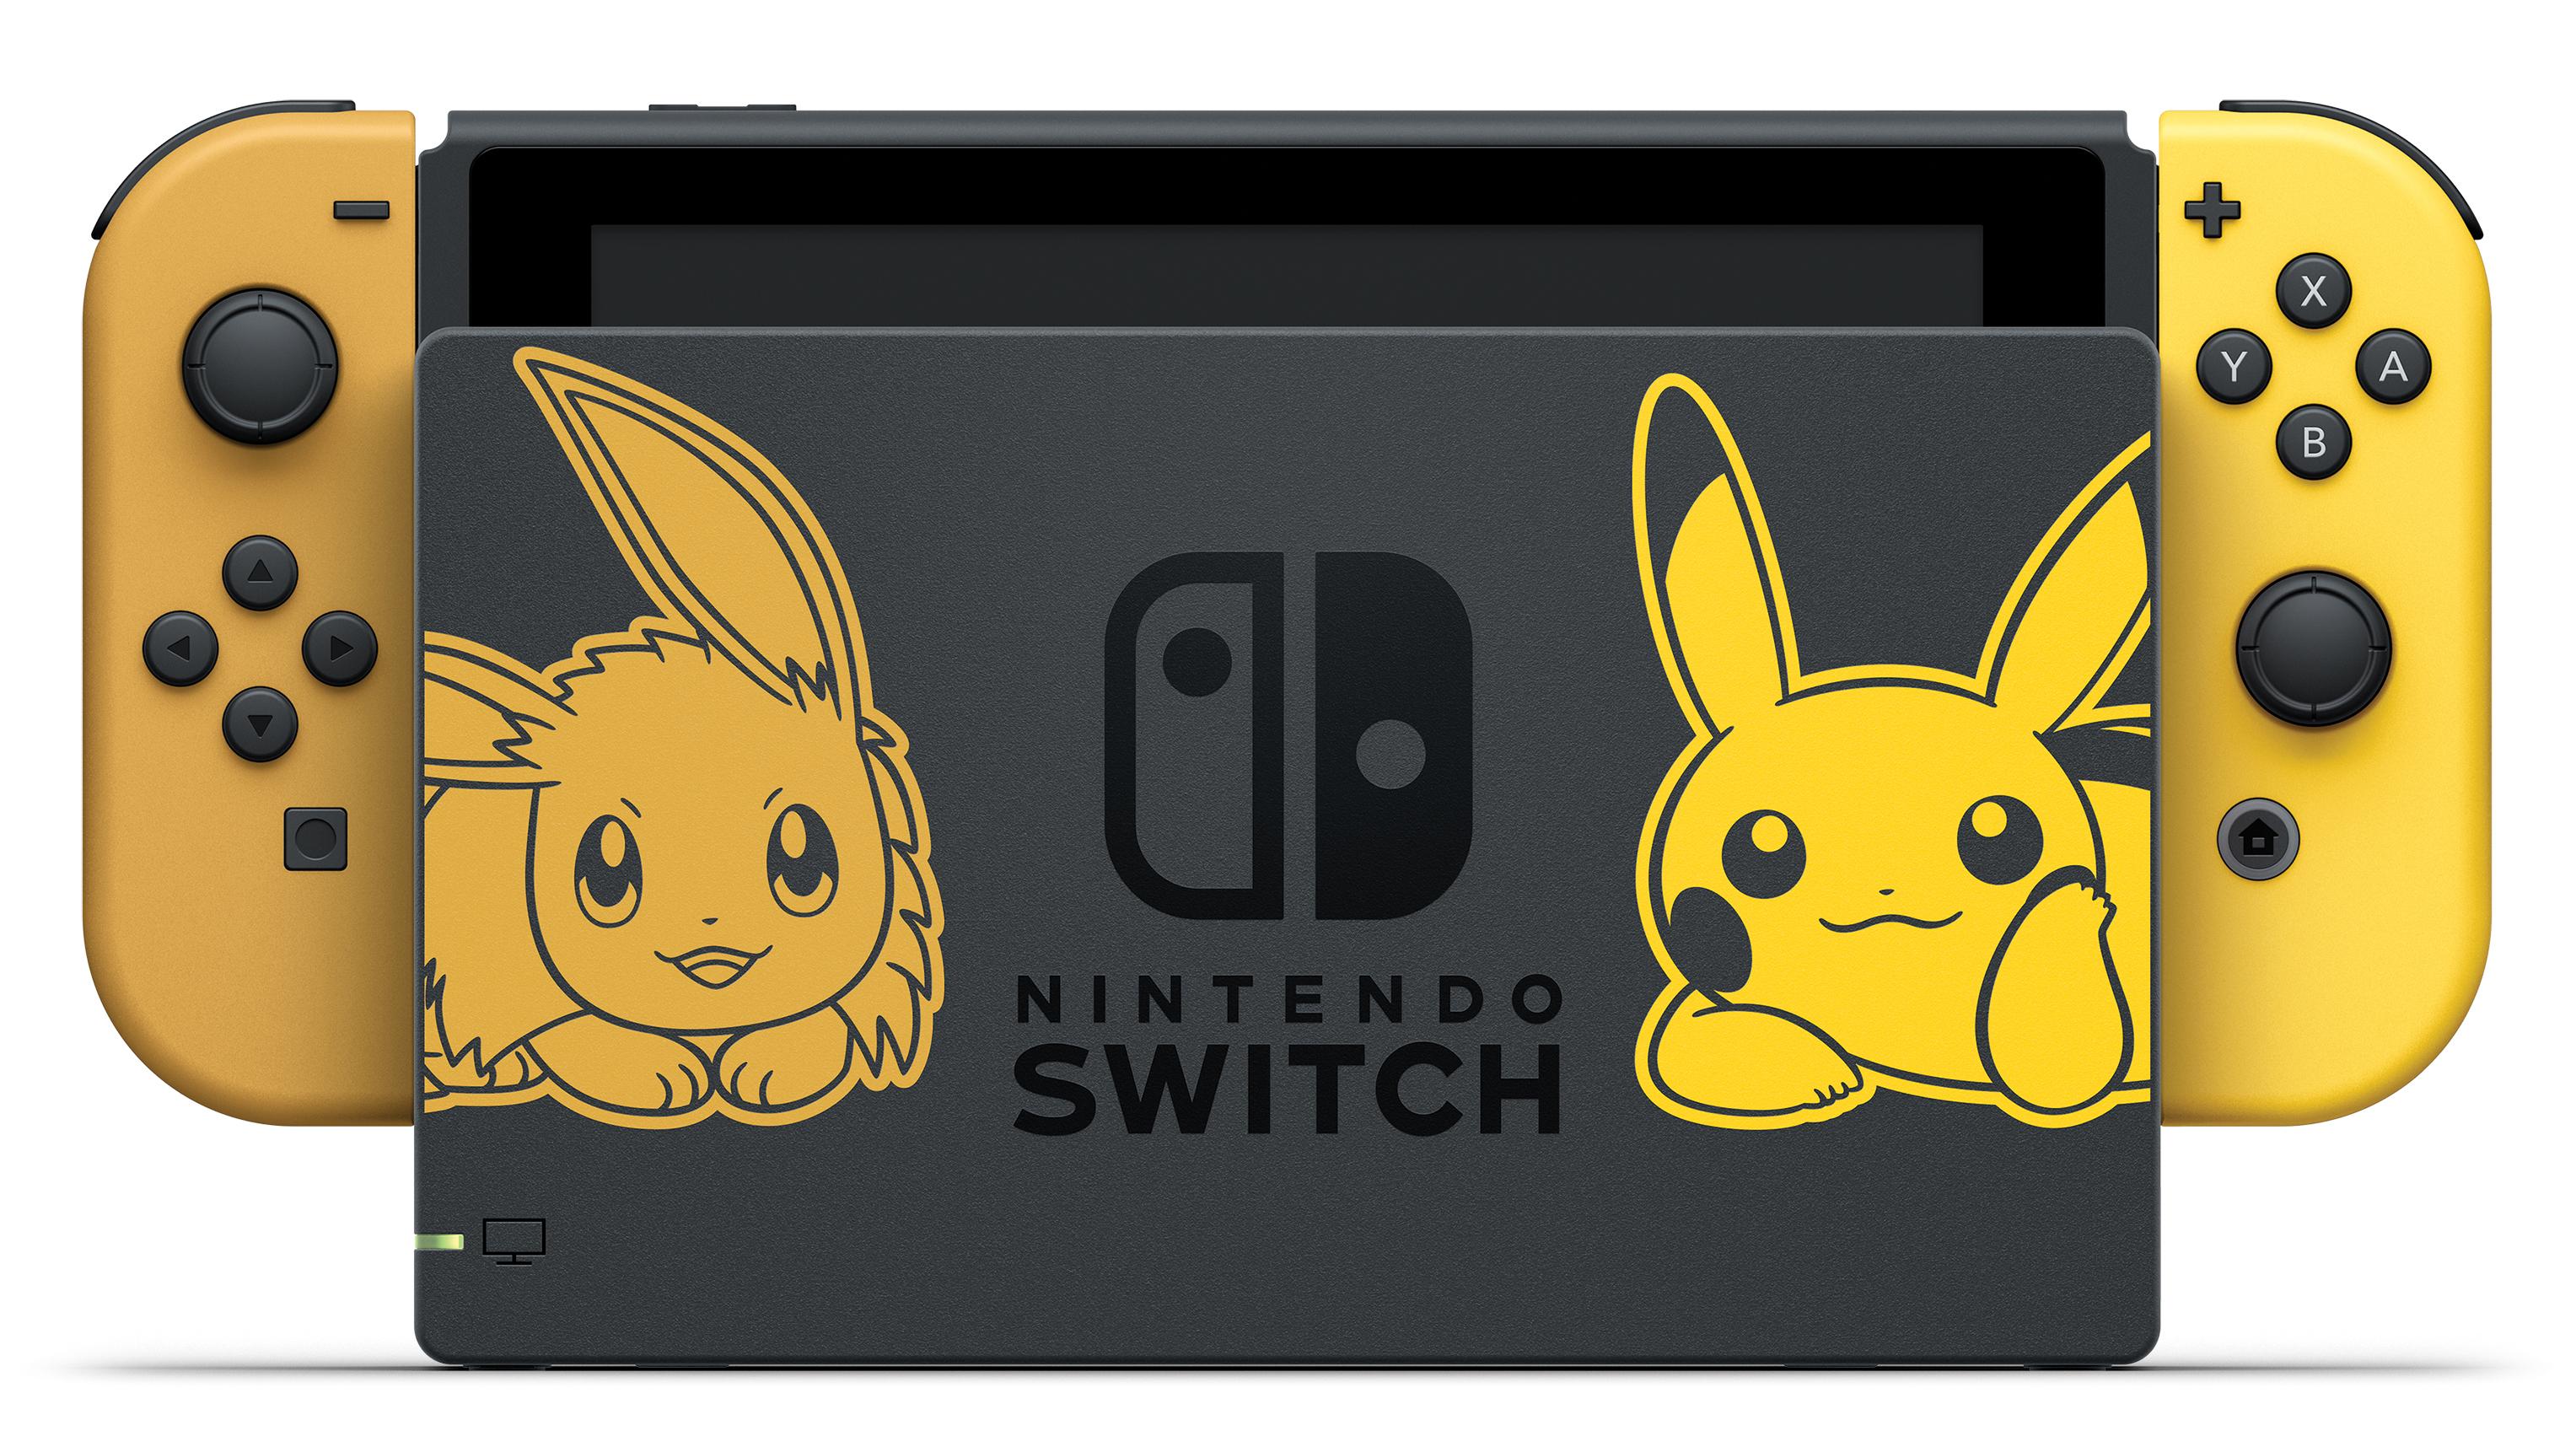 La Switch est officiellement plus vendue que la PS4 au Japon